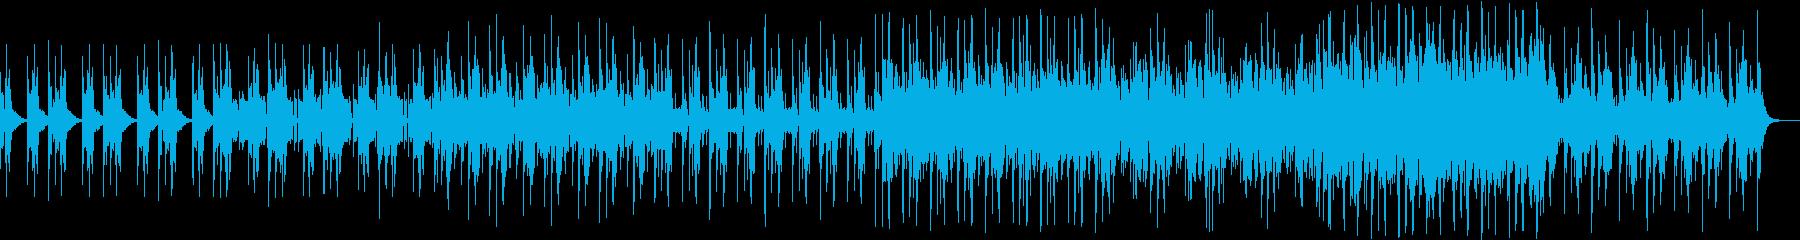 フューチャーリスティック・エレクトロの再生済みの波形